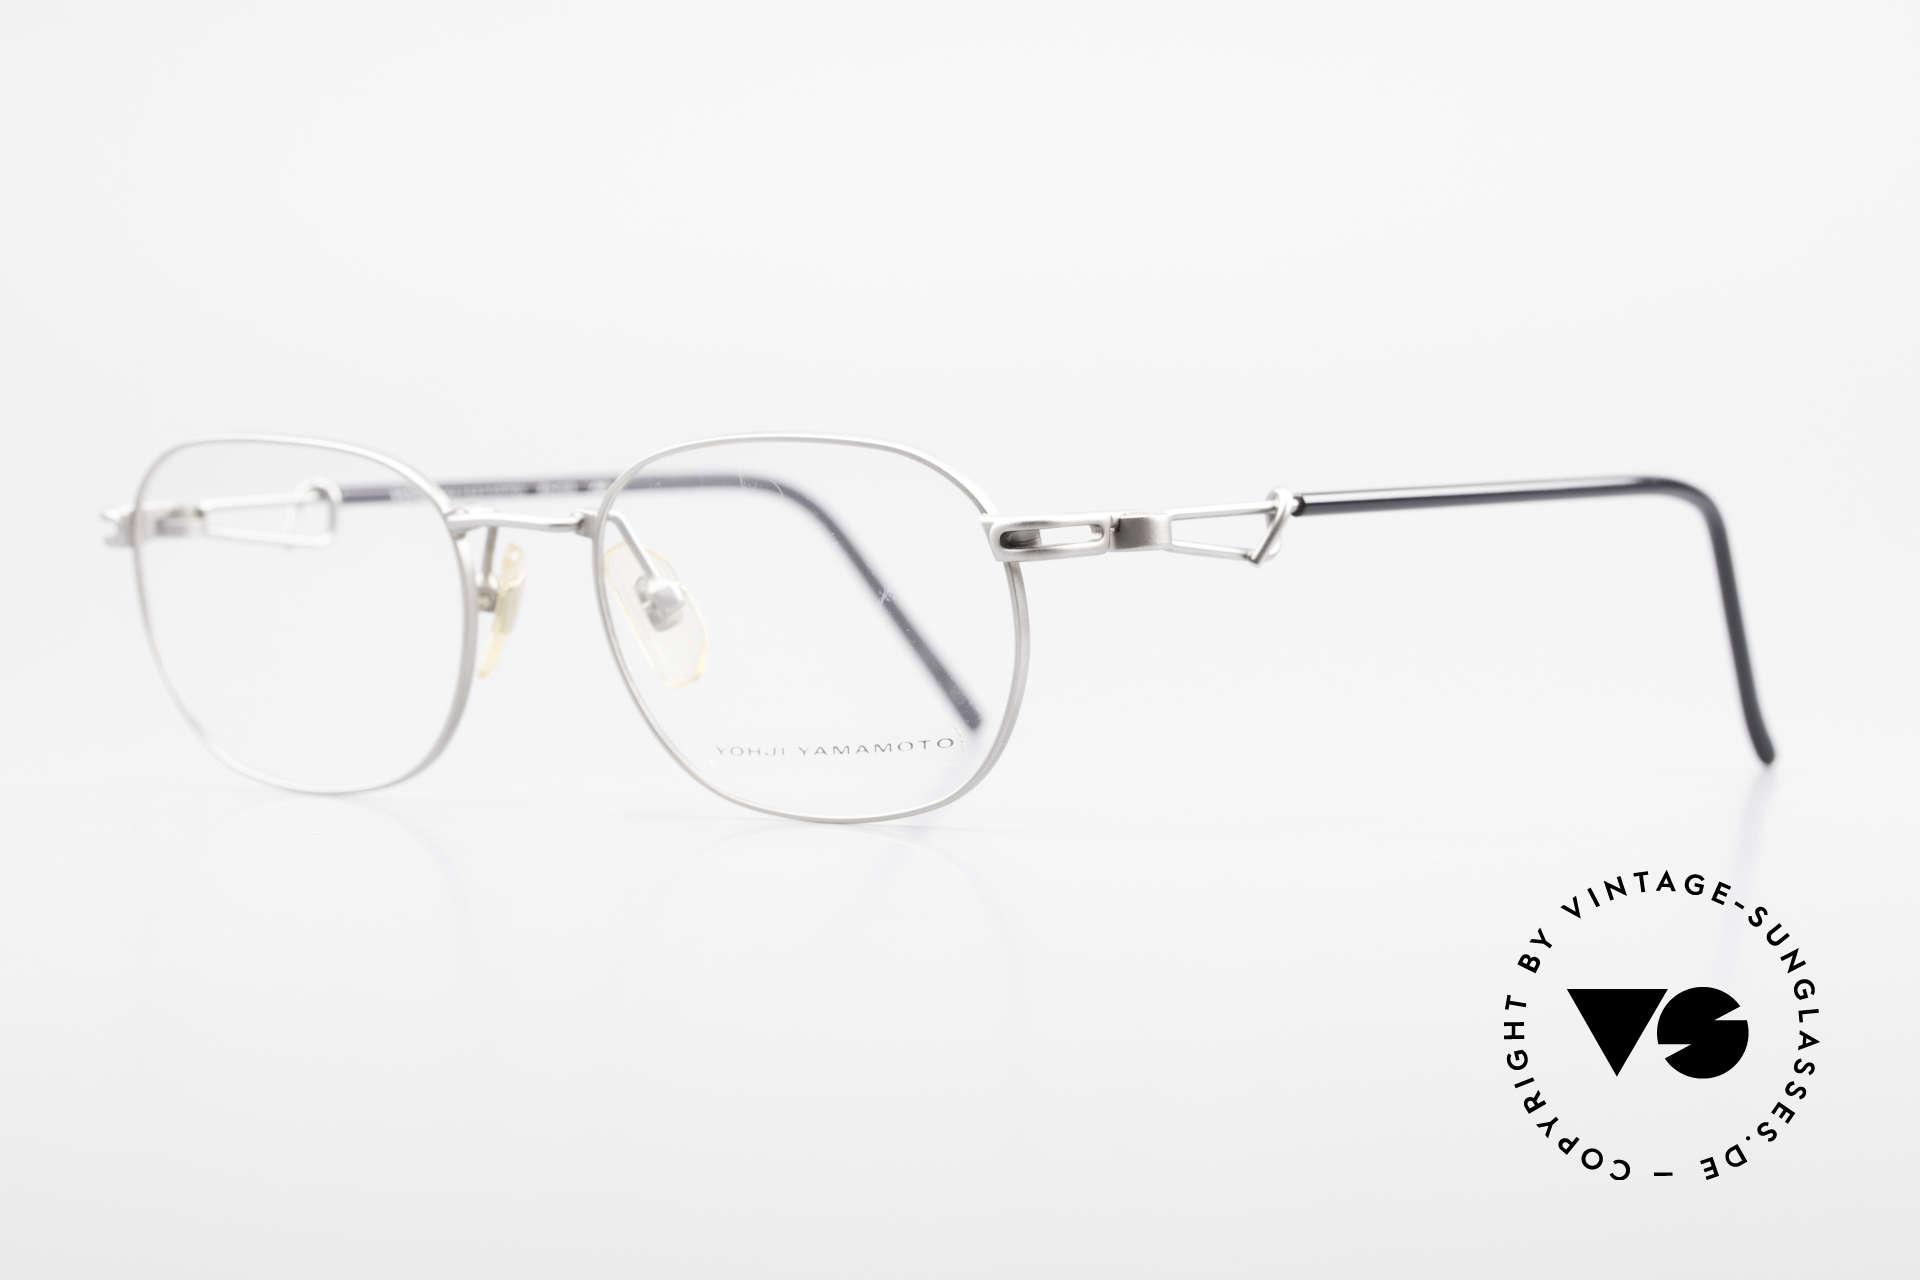 Yohji Yamamoto 51-4113 Titan Designerbrille Vintage, klassische Front & interessante Bügel (titan/schwarz), Passend für Herren und Damen